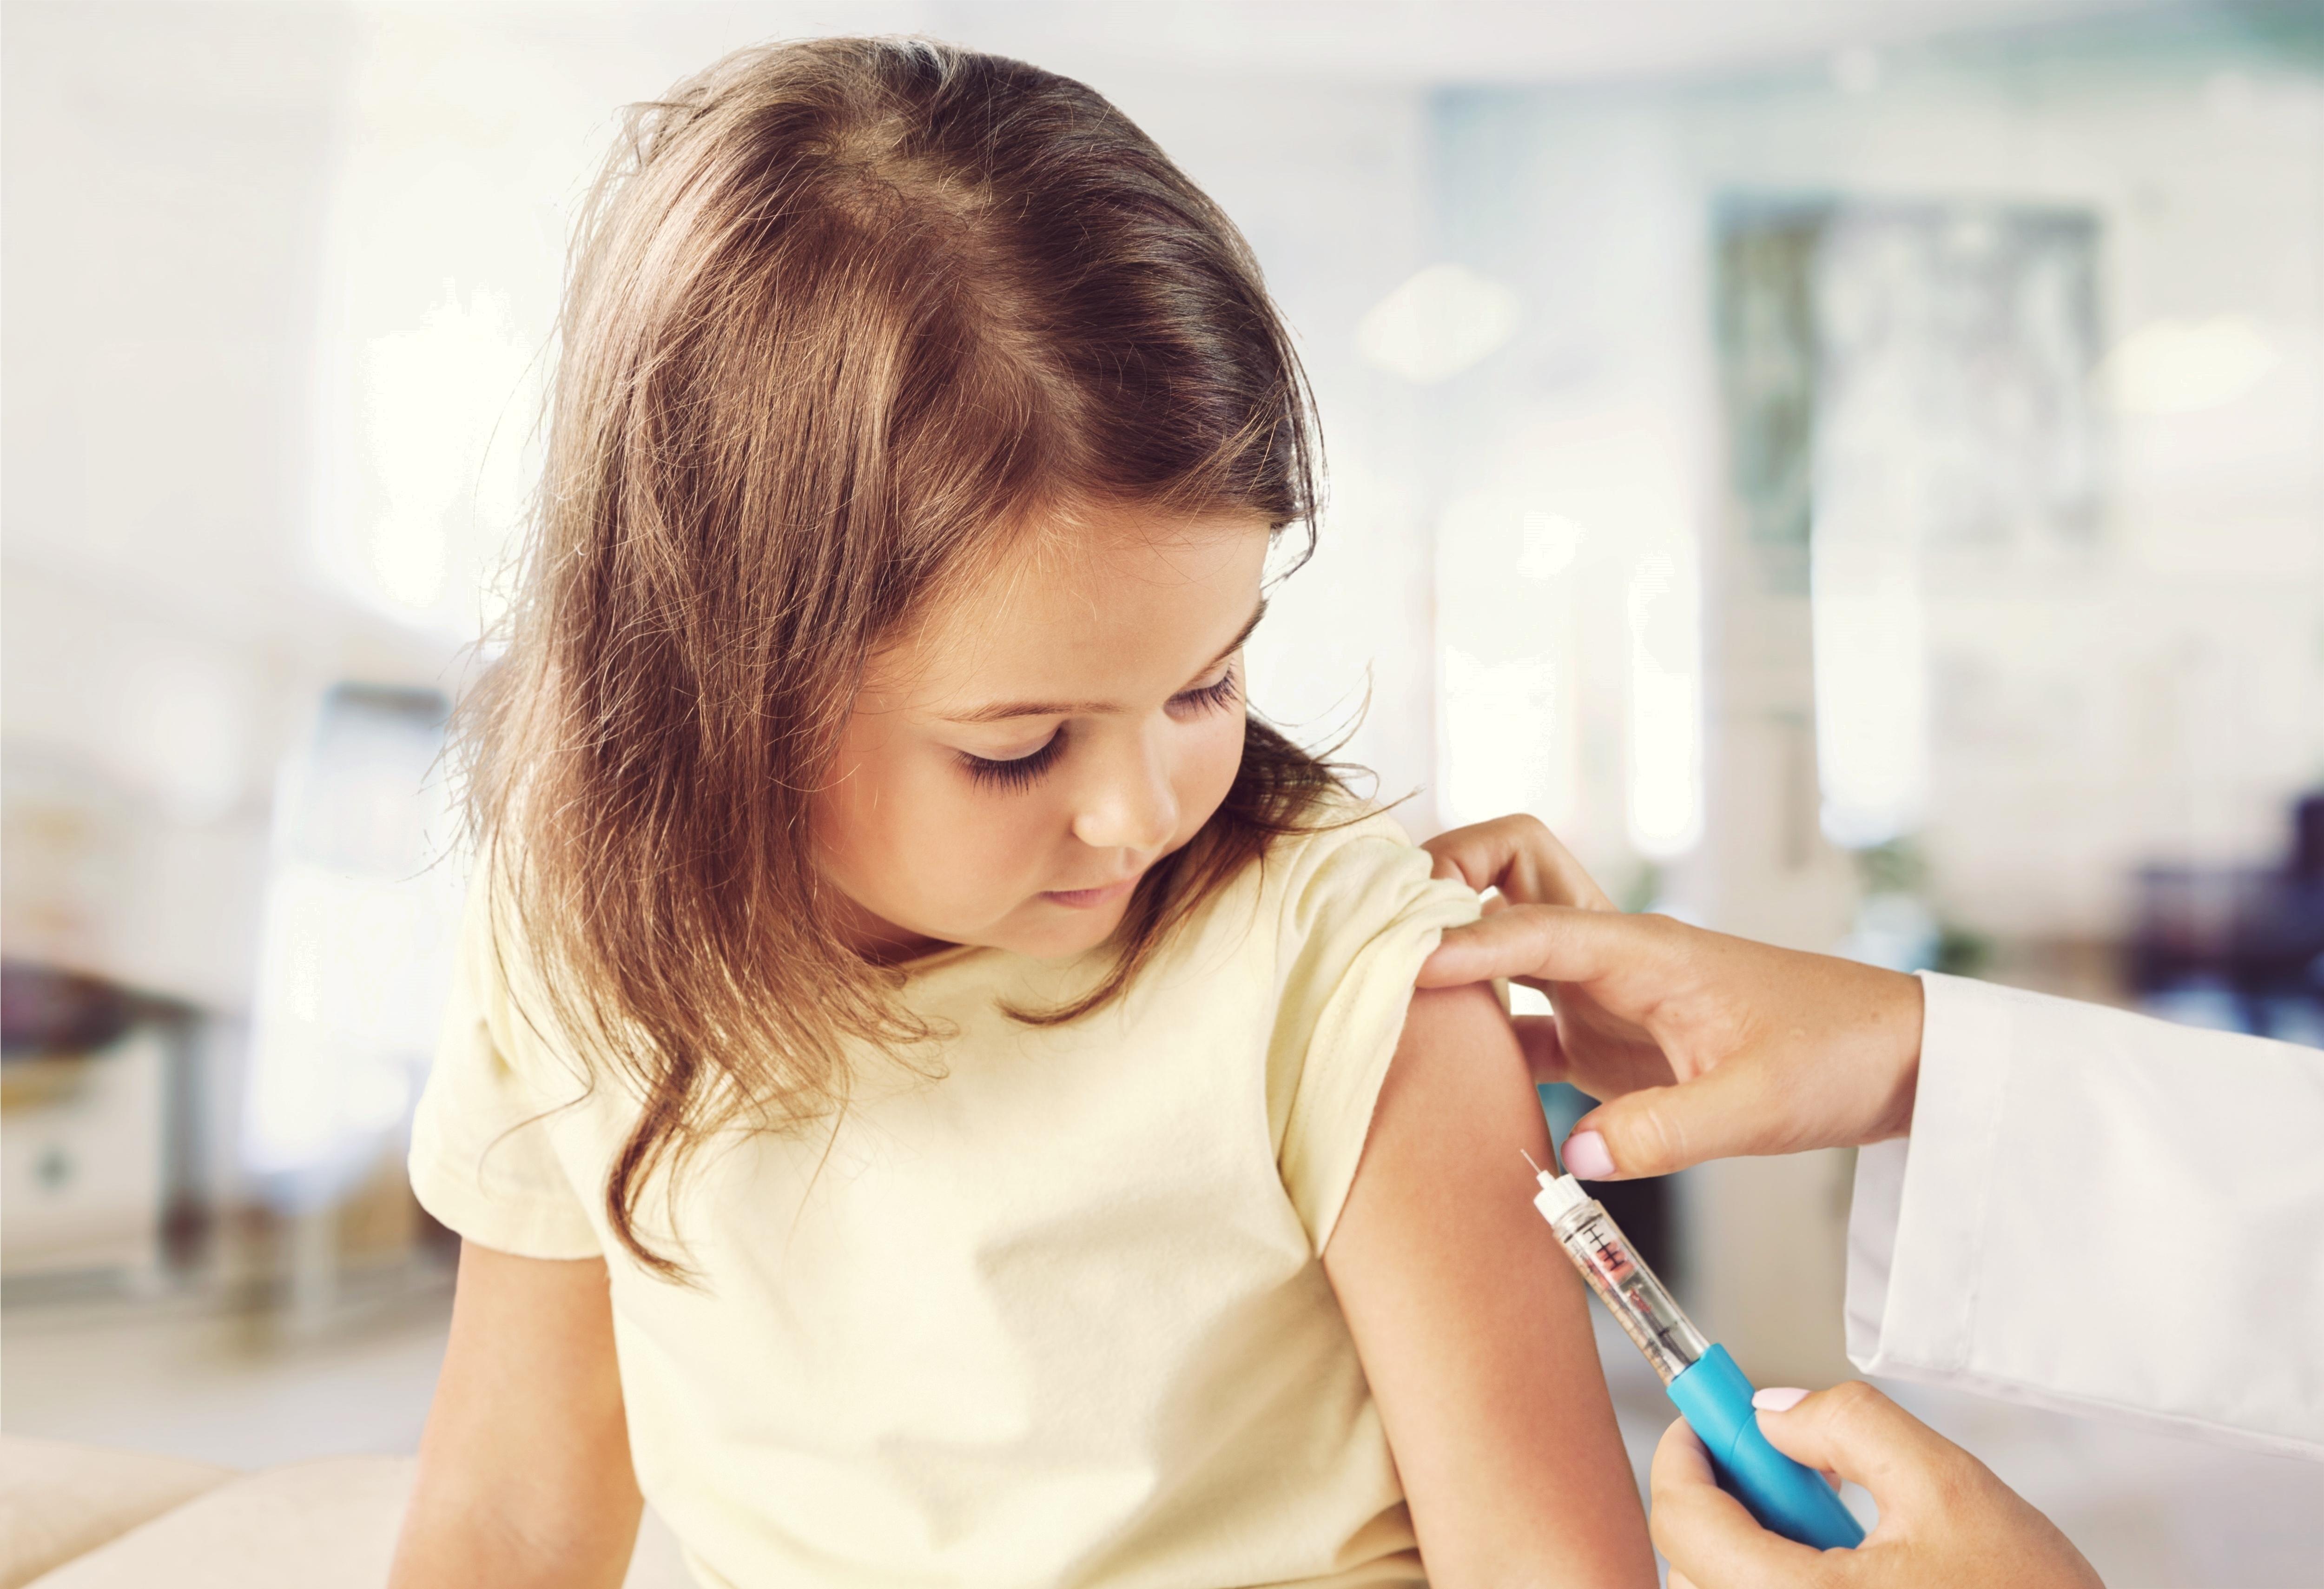 sarampo crianca sendo vacinada